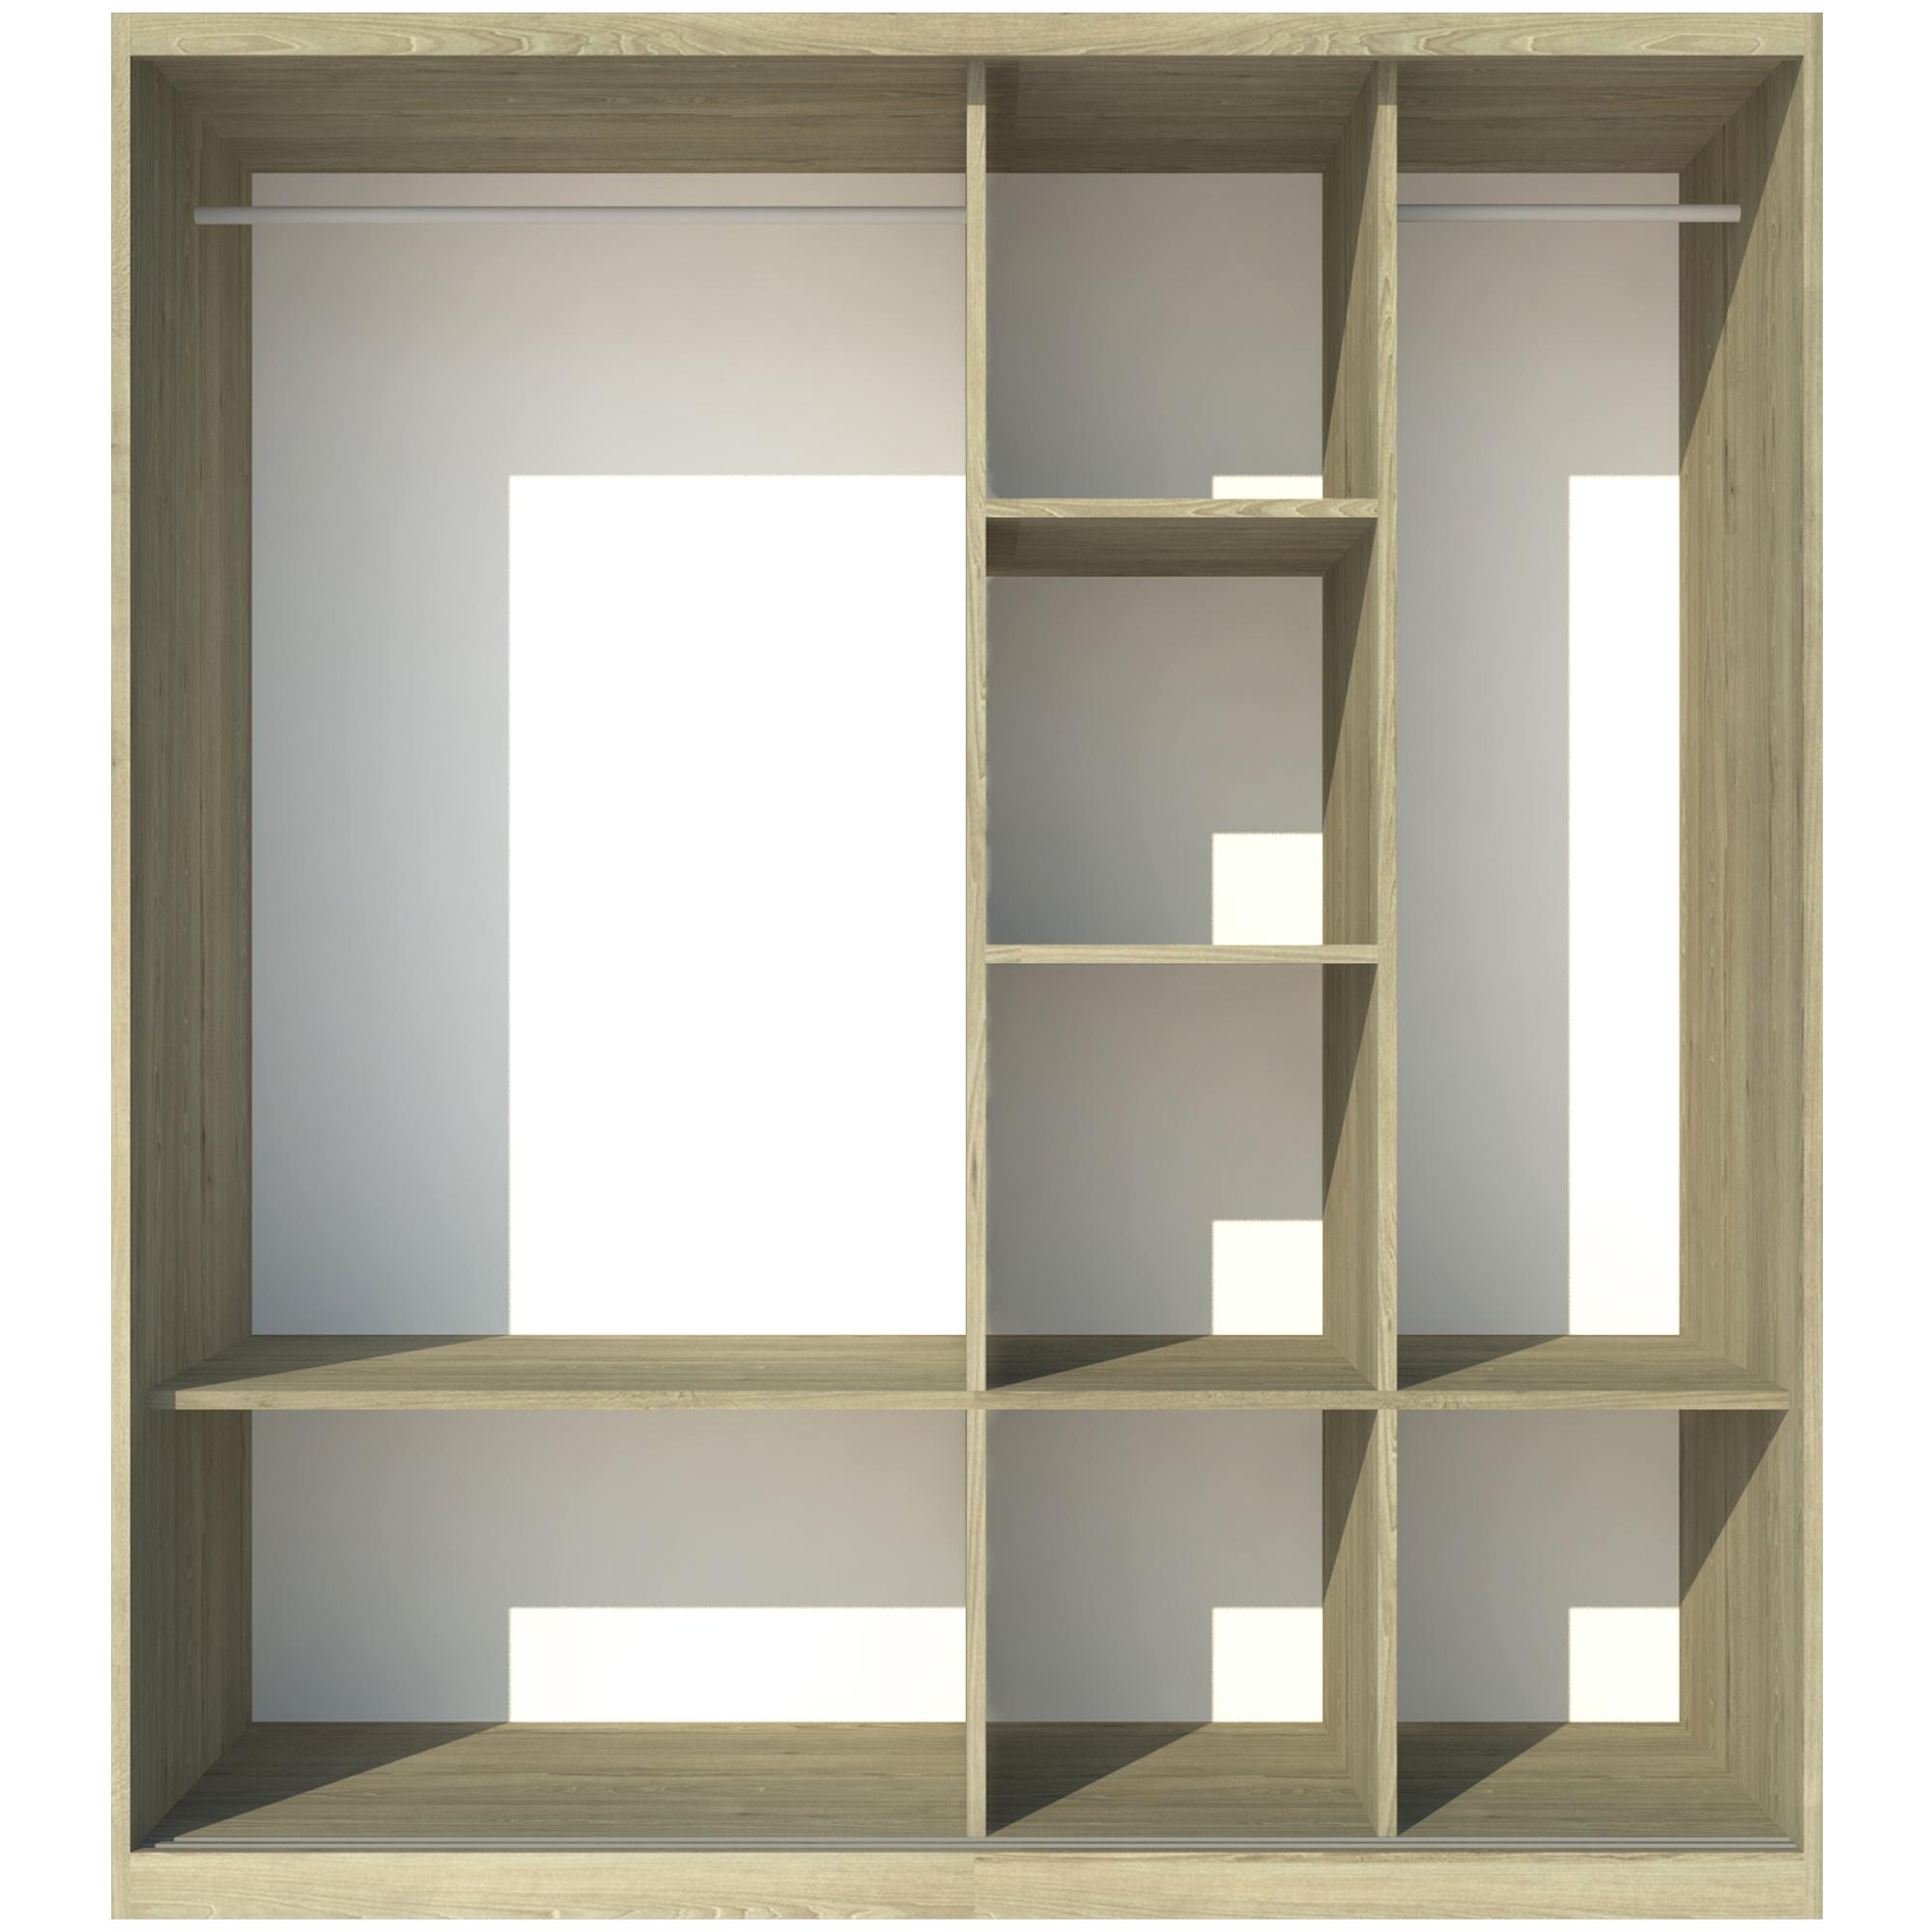 Tủ Cửa Lùa FINE FT096 (180cm x 200cm)